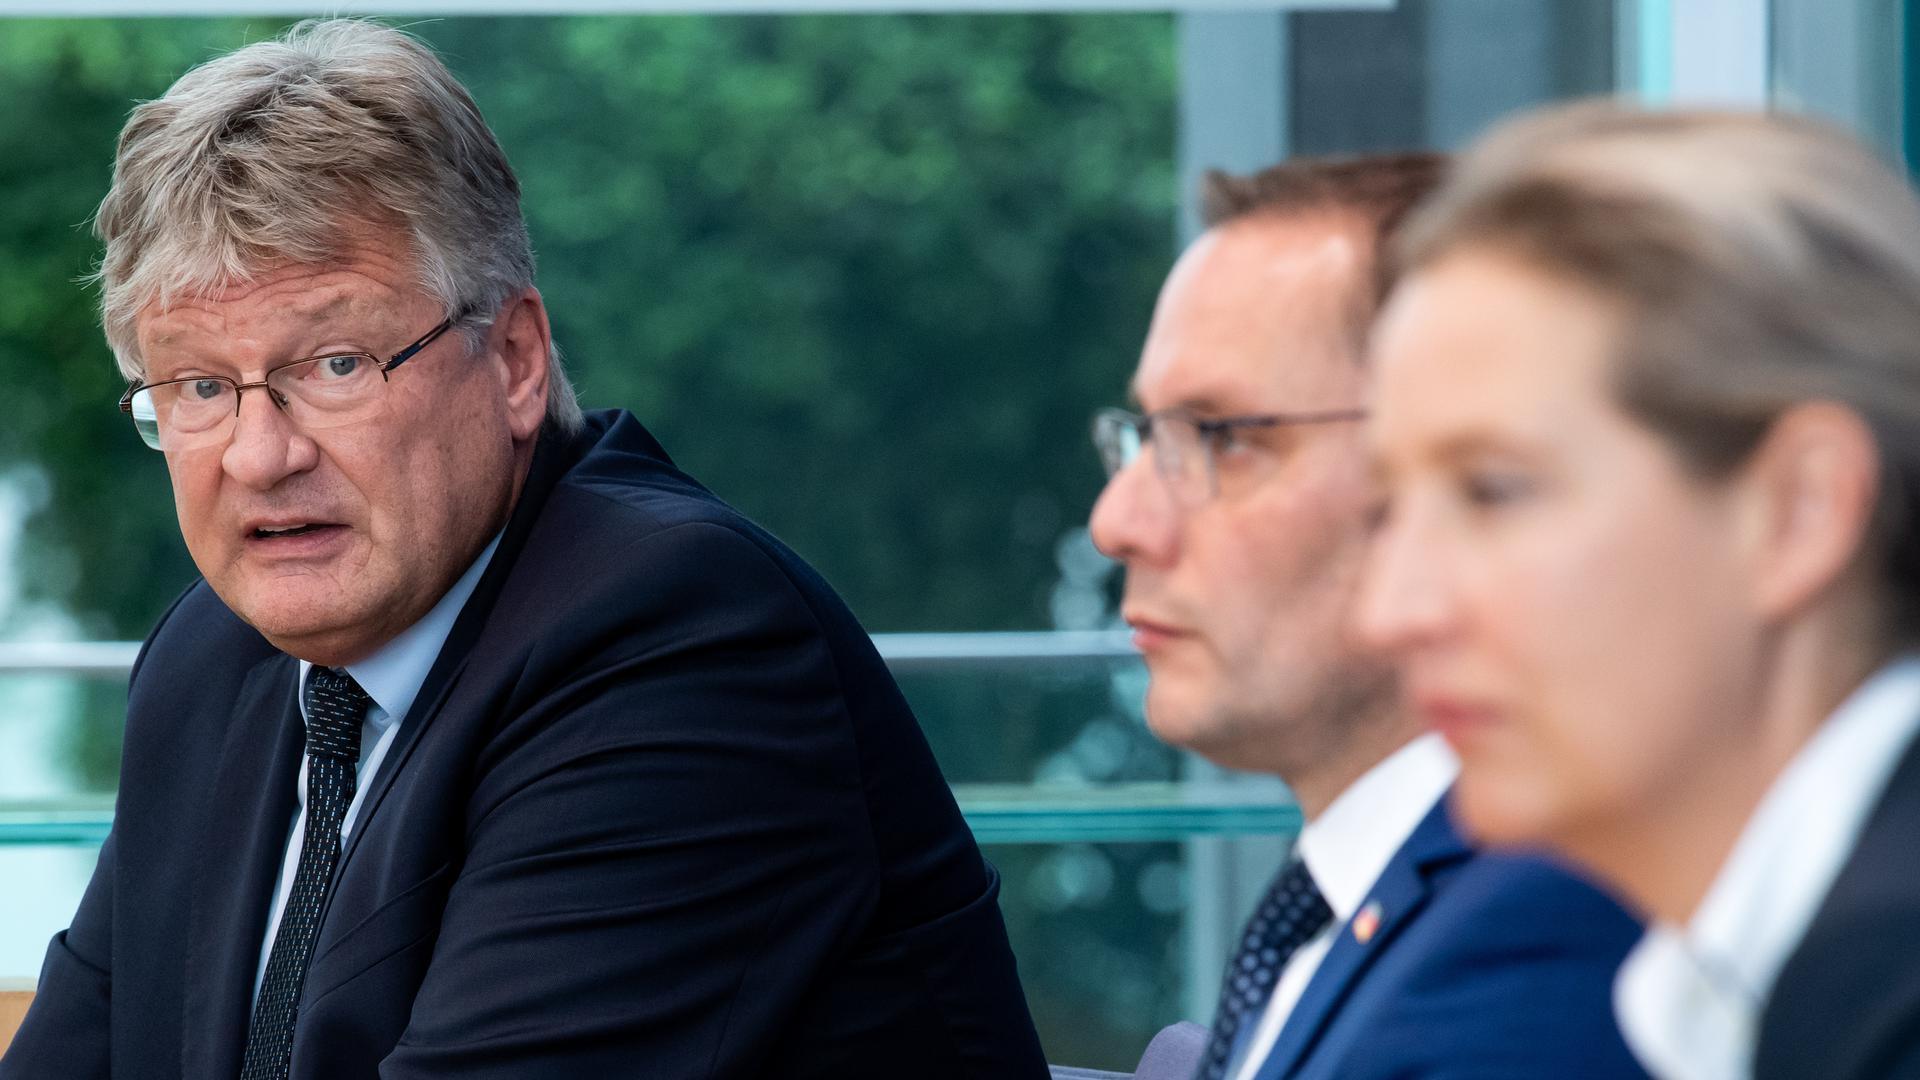 Nahendes Ende eines Machtkampfes: Jörg Meuthen, Bundessprecher der AfD (links), kann sich im Kräftemessen mit den beiden AfD-Fraktionschefs Tino Chrupalla (Mitte) und Alice Weidel nicht durchsetzen und will sich im Dezember aus den ersten Reihen zurückziehen.